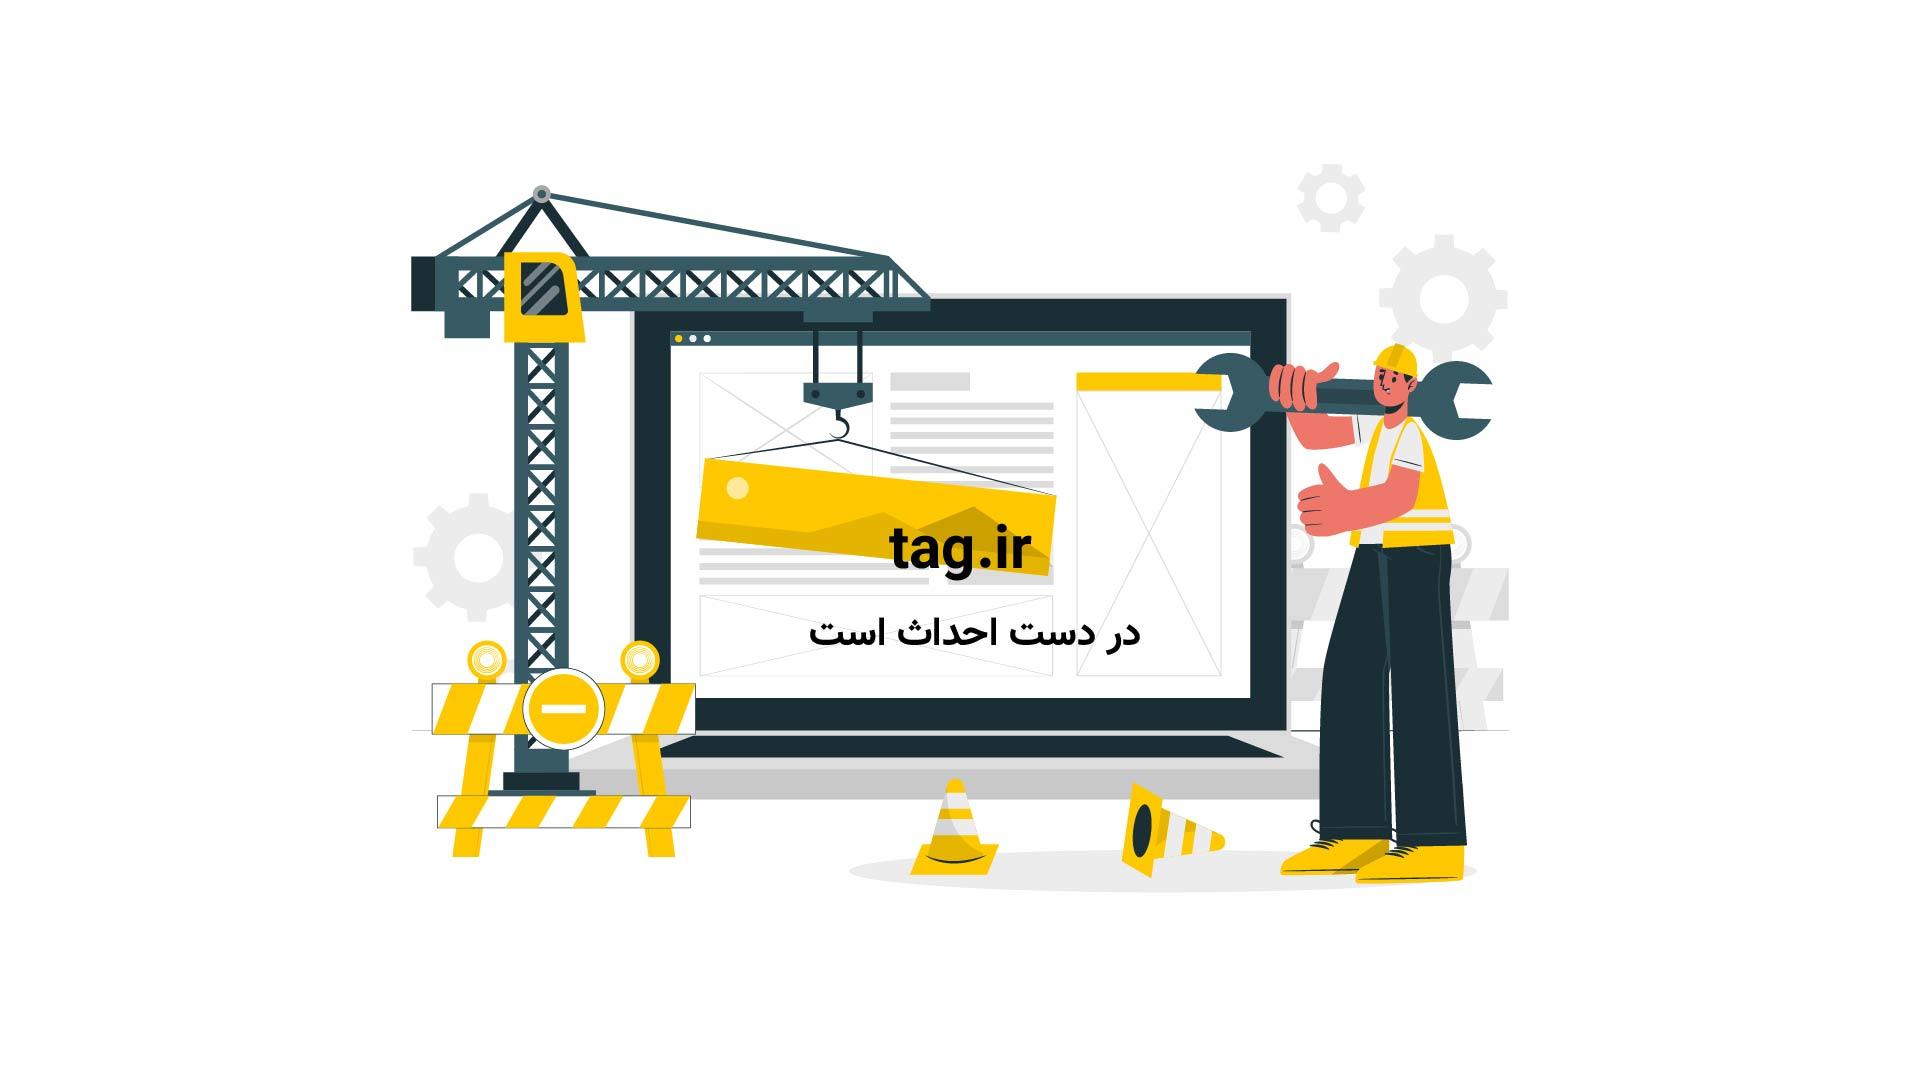 """نقاشی با حروف؛ آموزش کشیدن خرگوش با حرف انگلیسی """"آر"""" بزرگ   فیلم"""